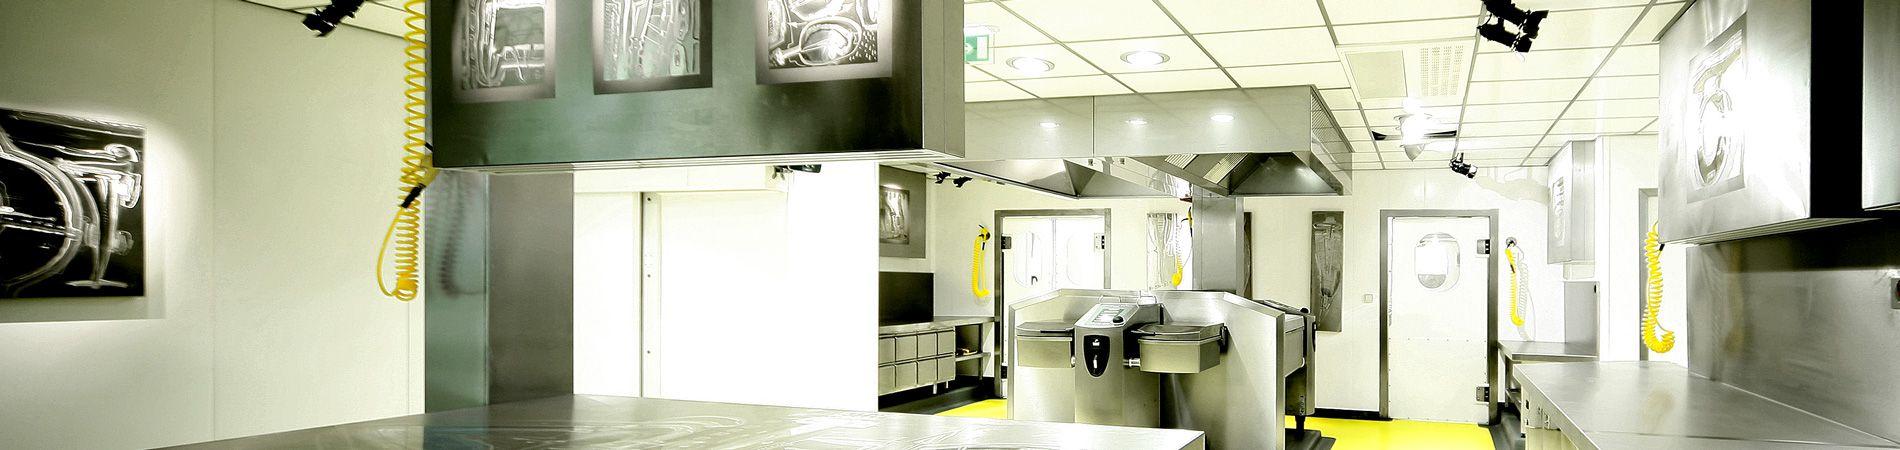 intérieur des cuisines